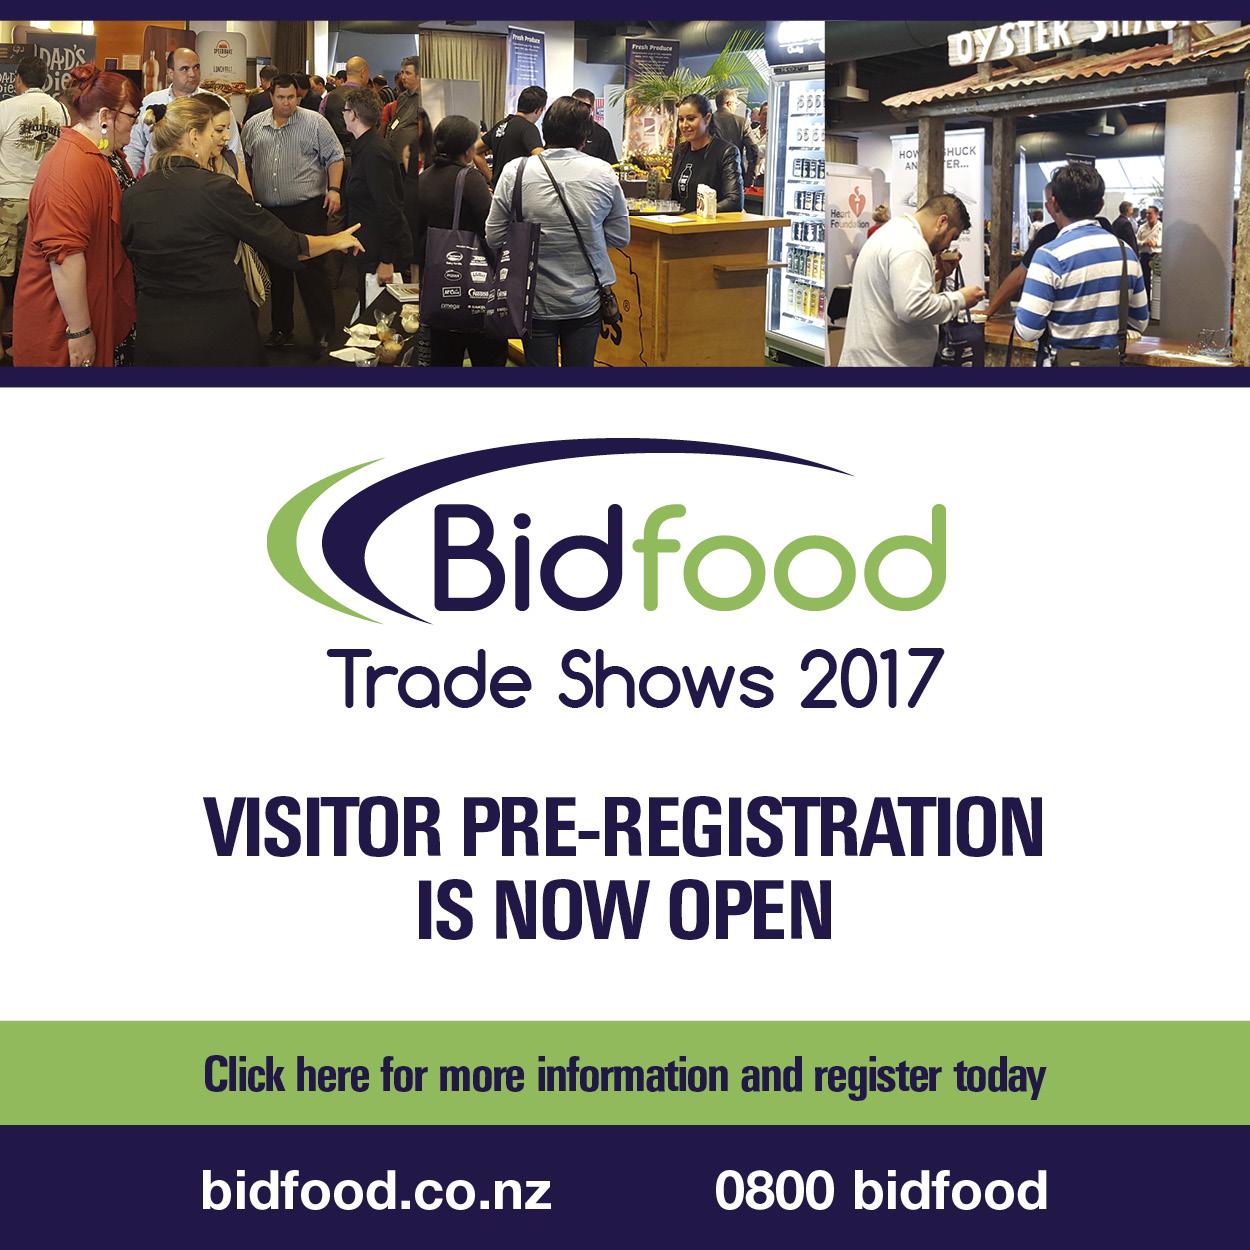 bidshow